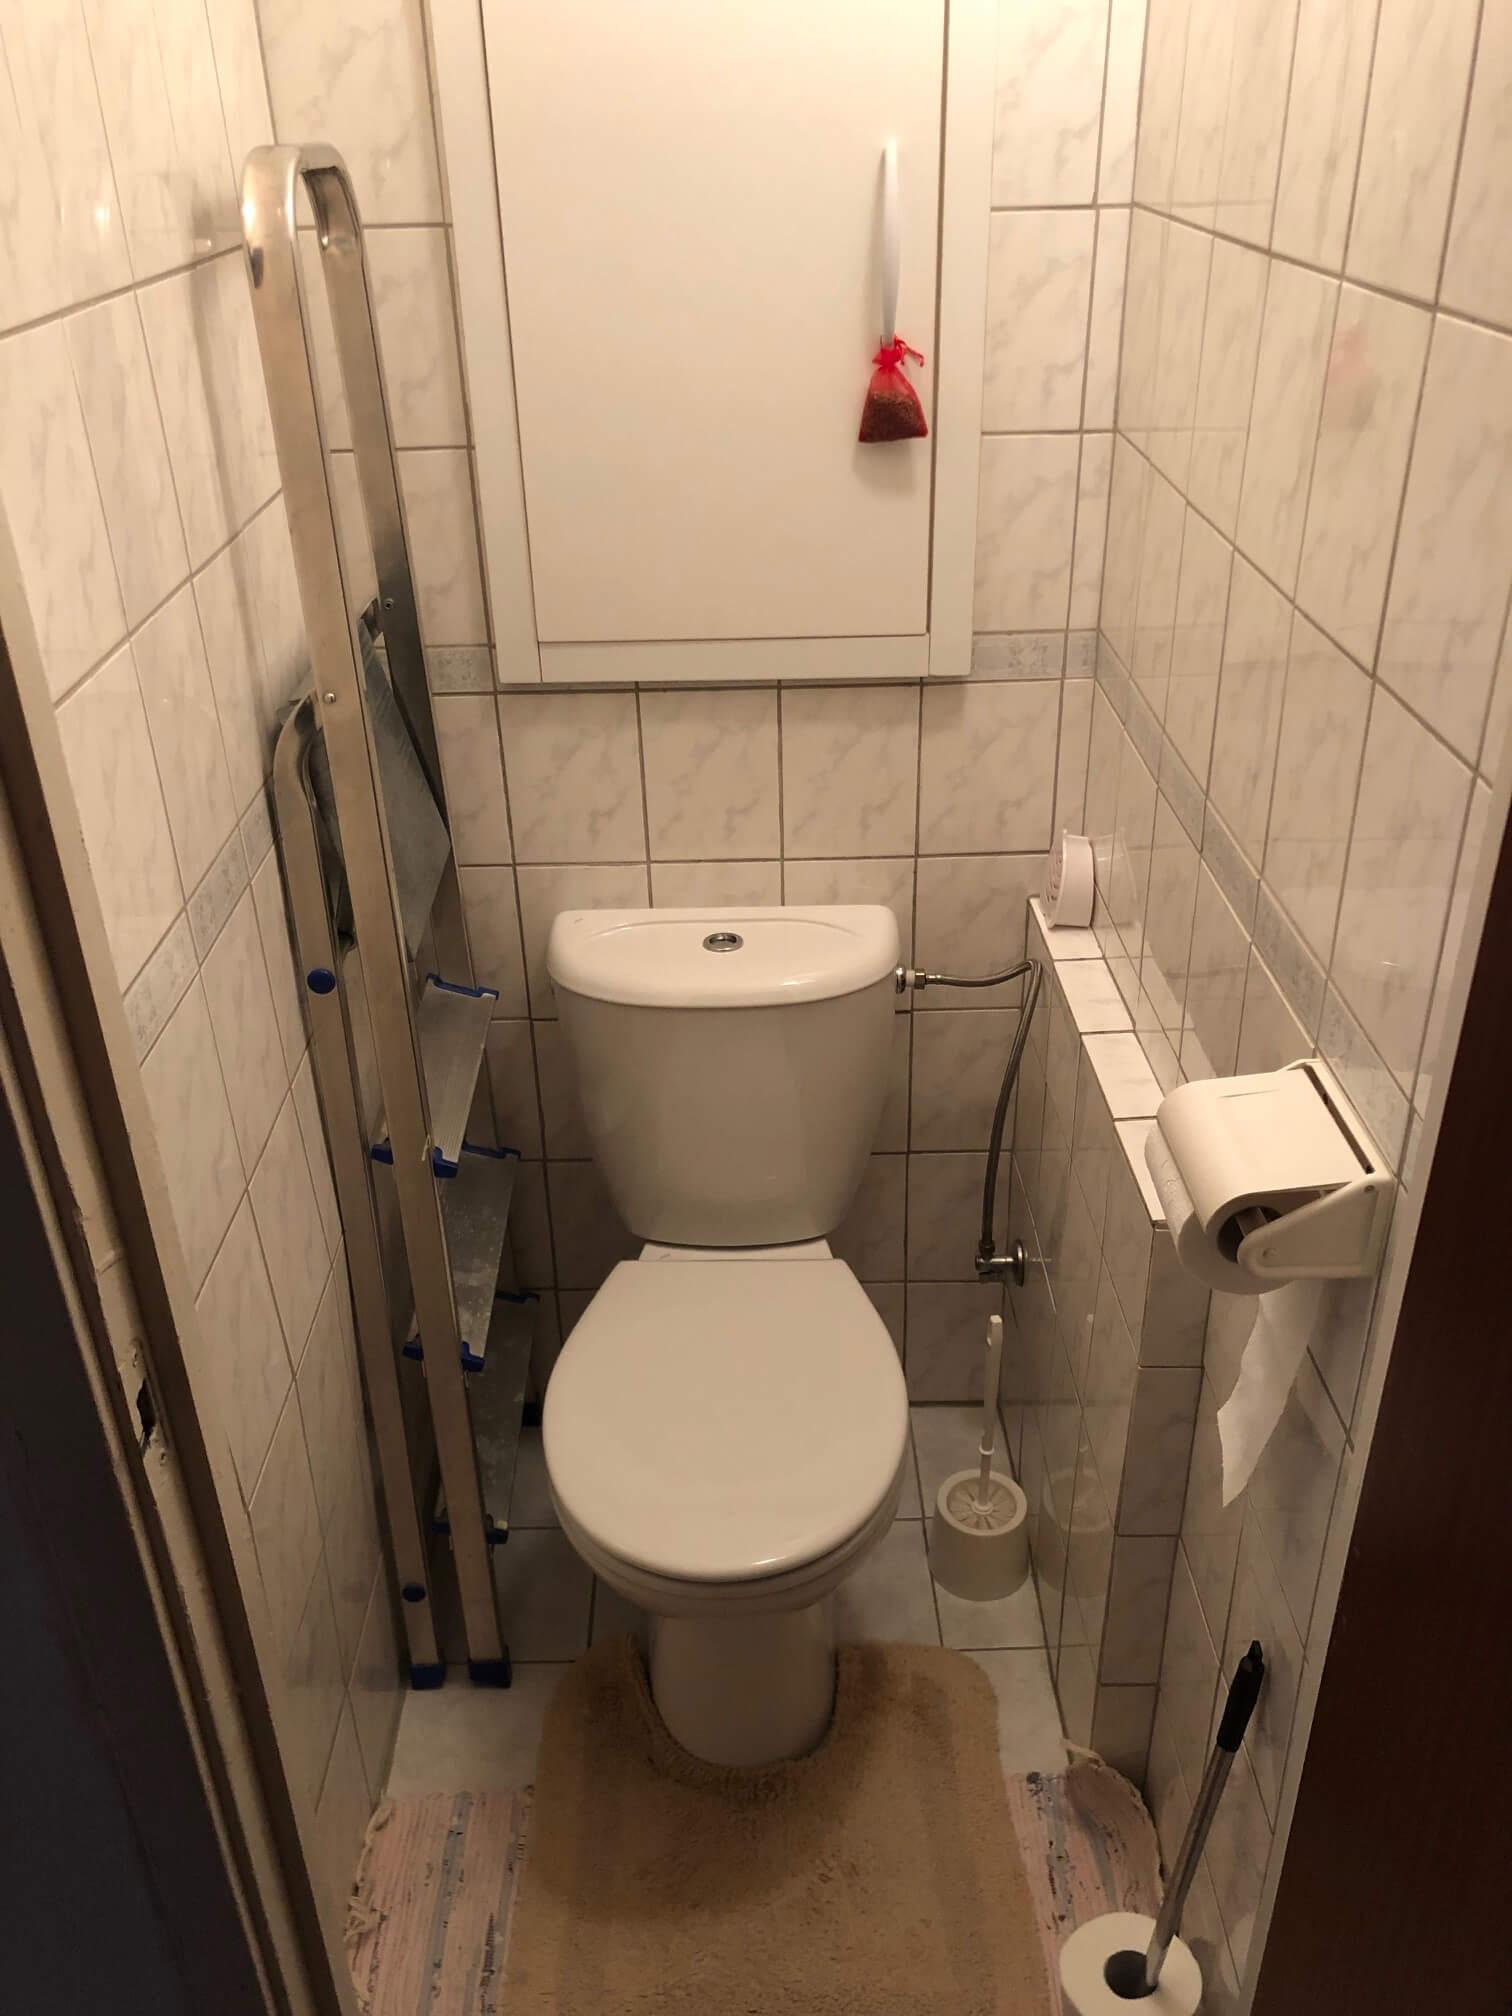 Predaný: 1 izbový byt, Ipeľská, Bratislava, 38m2, nízke náklady, parkovanie, vynikajúca občianska vybavenosť-14